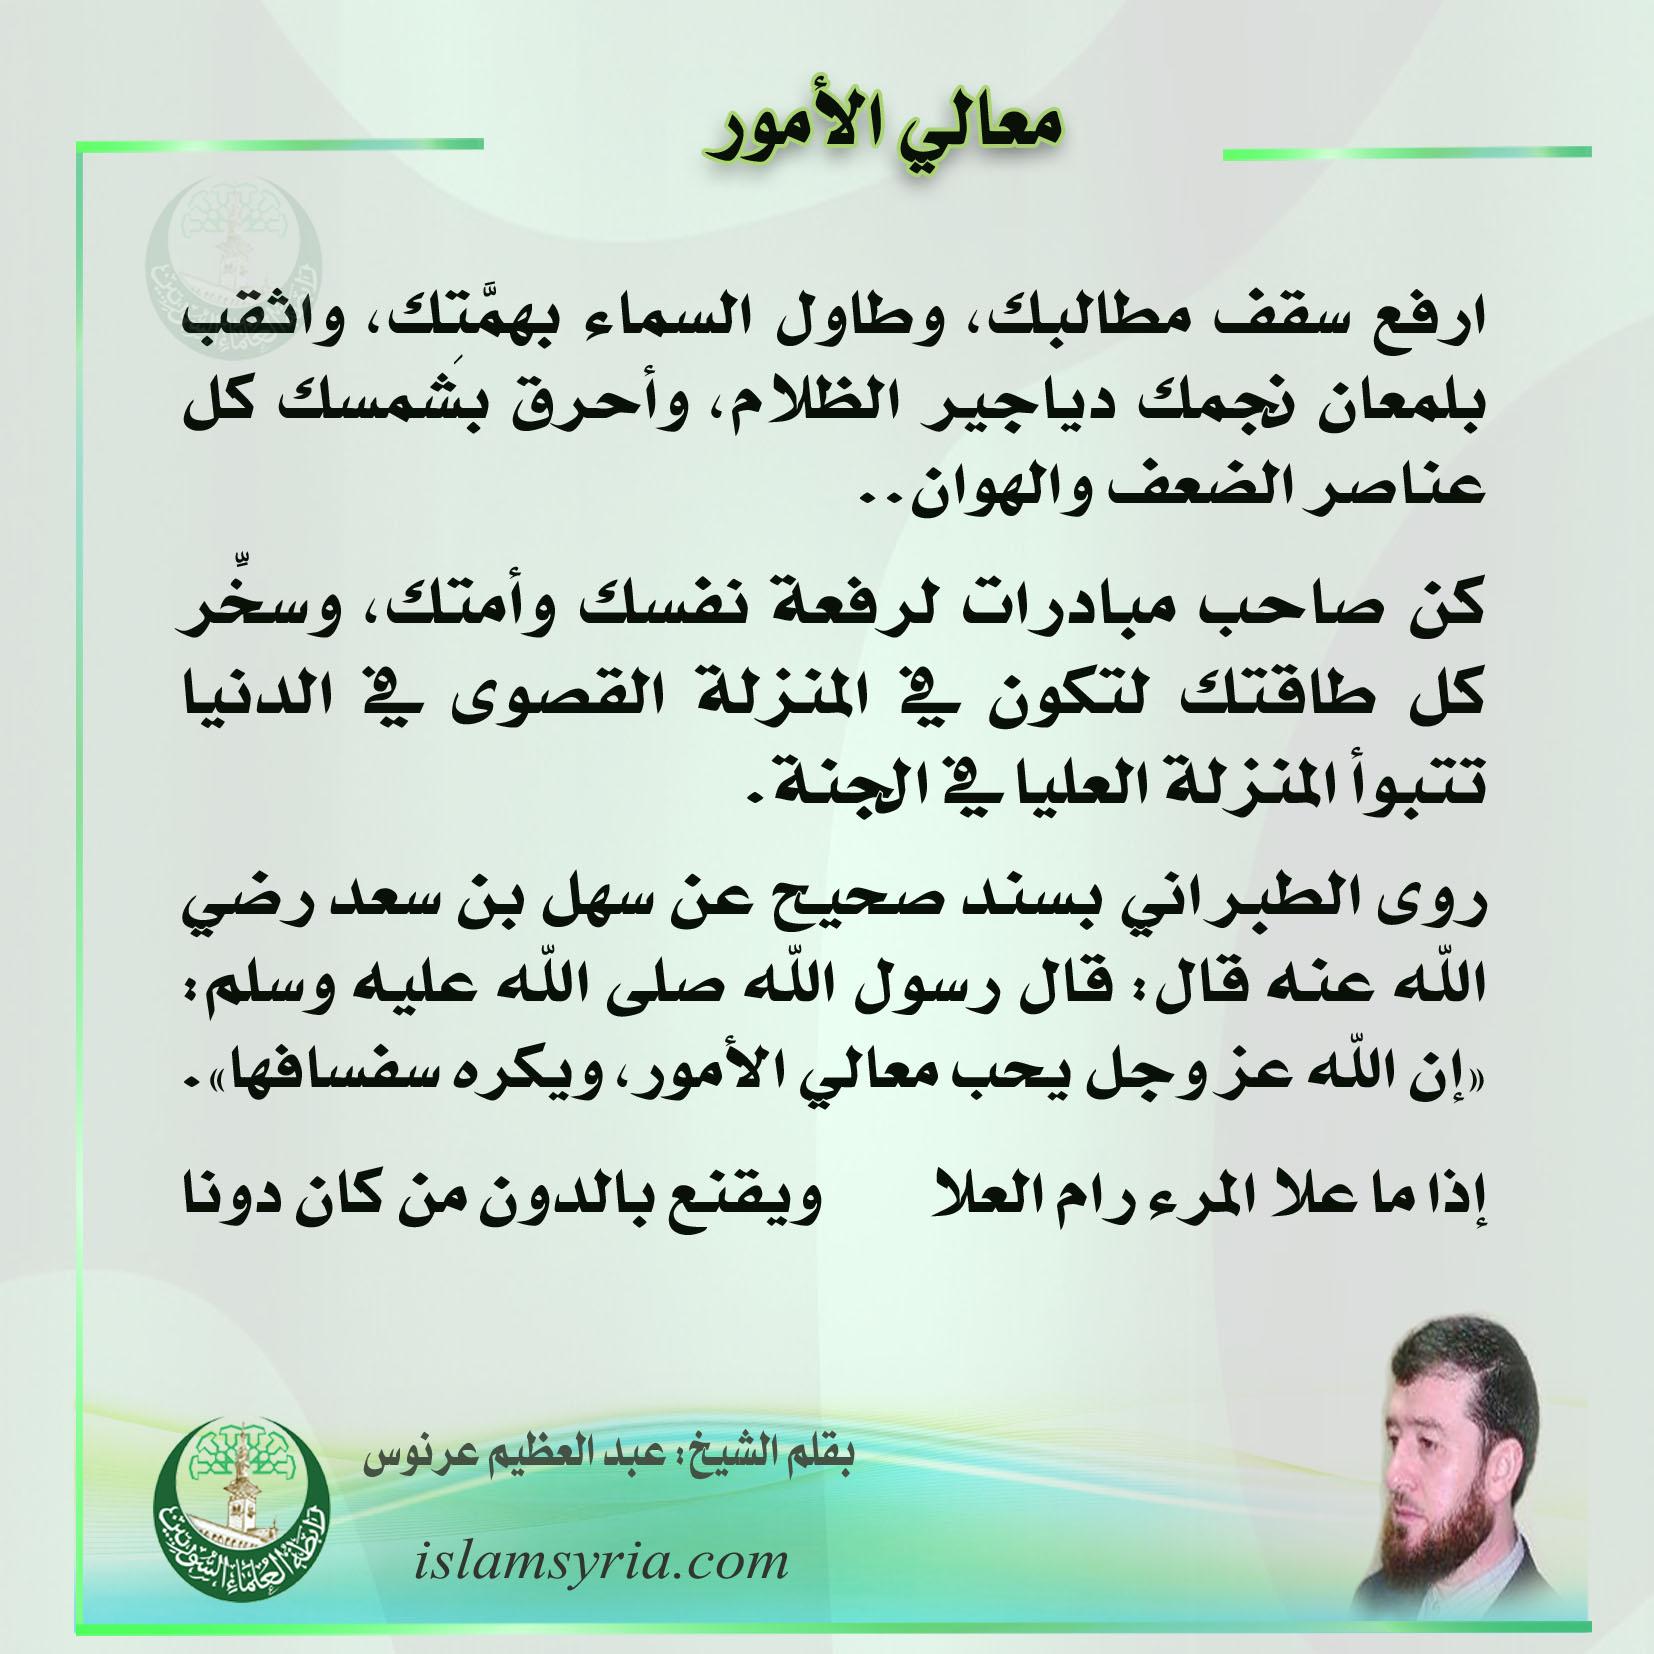 البطاقة الدعوية || معالي الأمور||الشيخ عبد العظيم عرنوس